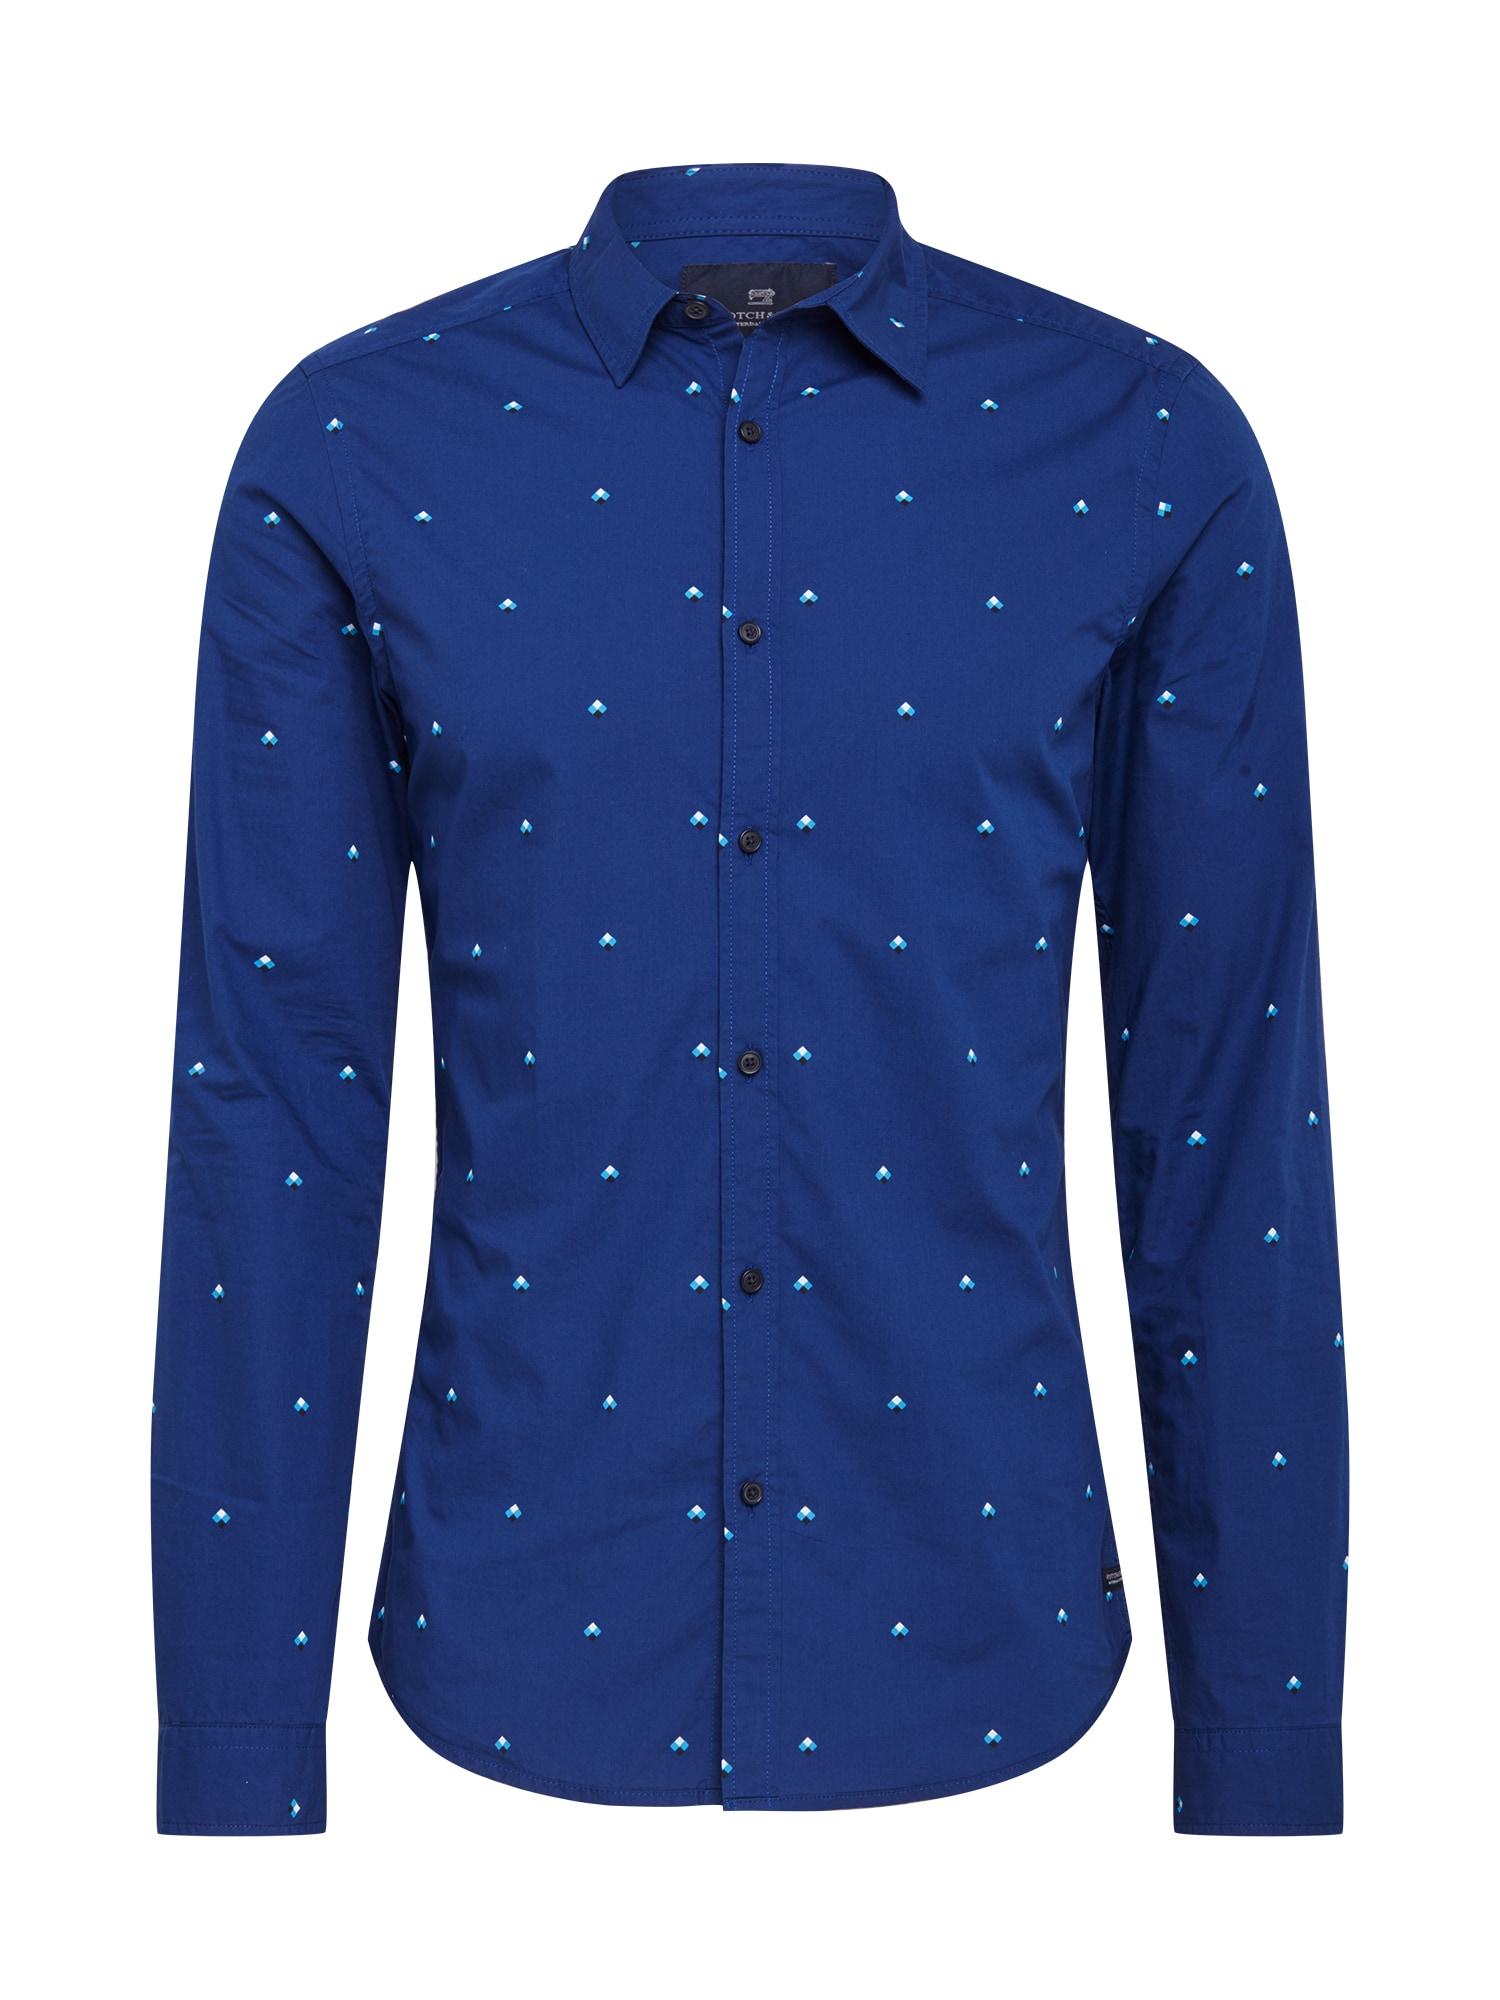 SCOTCH & SODA Dalykinio stiliaus marškiniai mėlyna / turkio spalva / balta / juoda